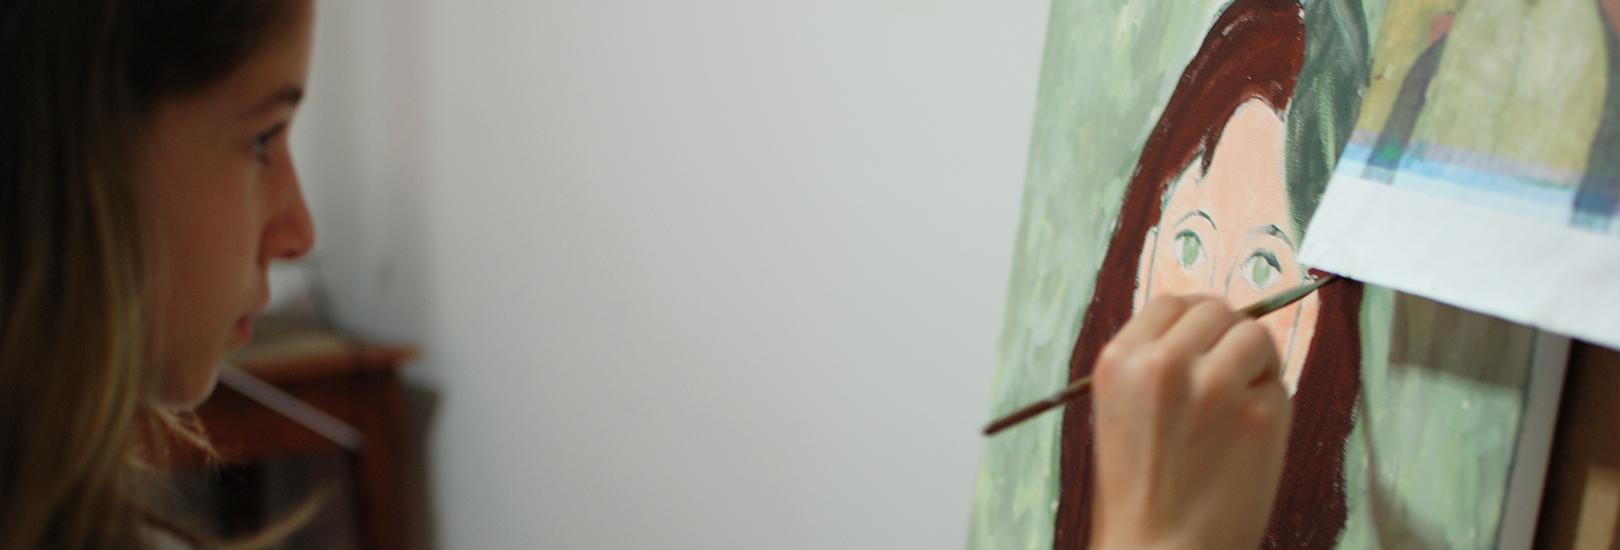 accademia-dei-piccoli-pittura-1